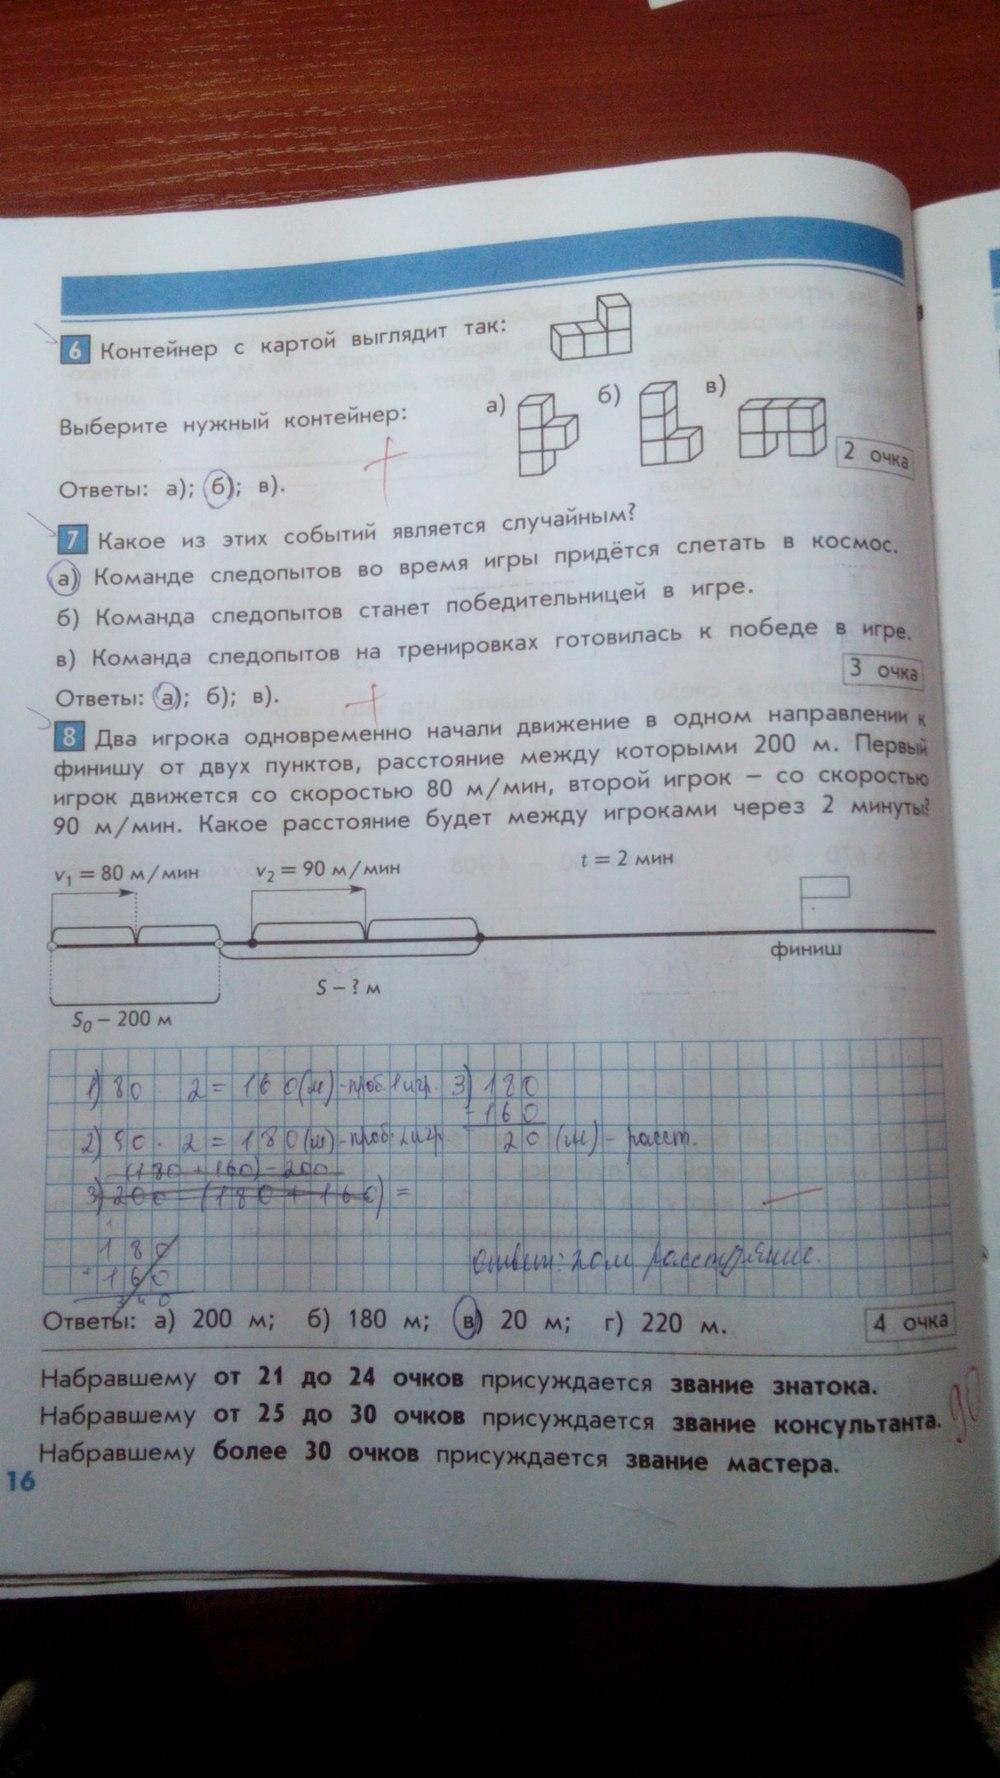 решение задач в mathcad с примерами